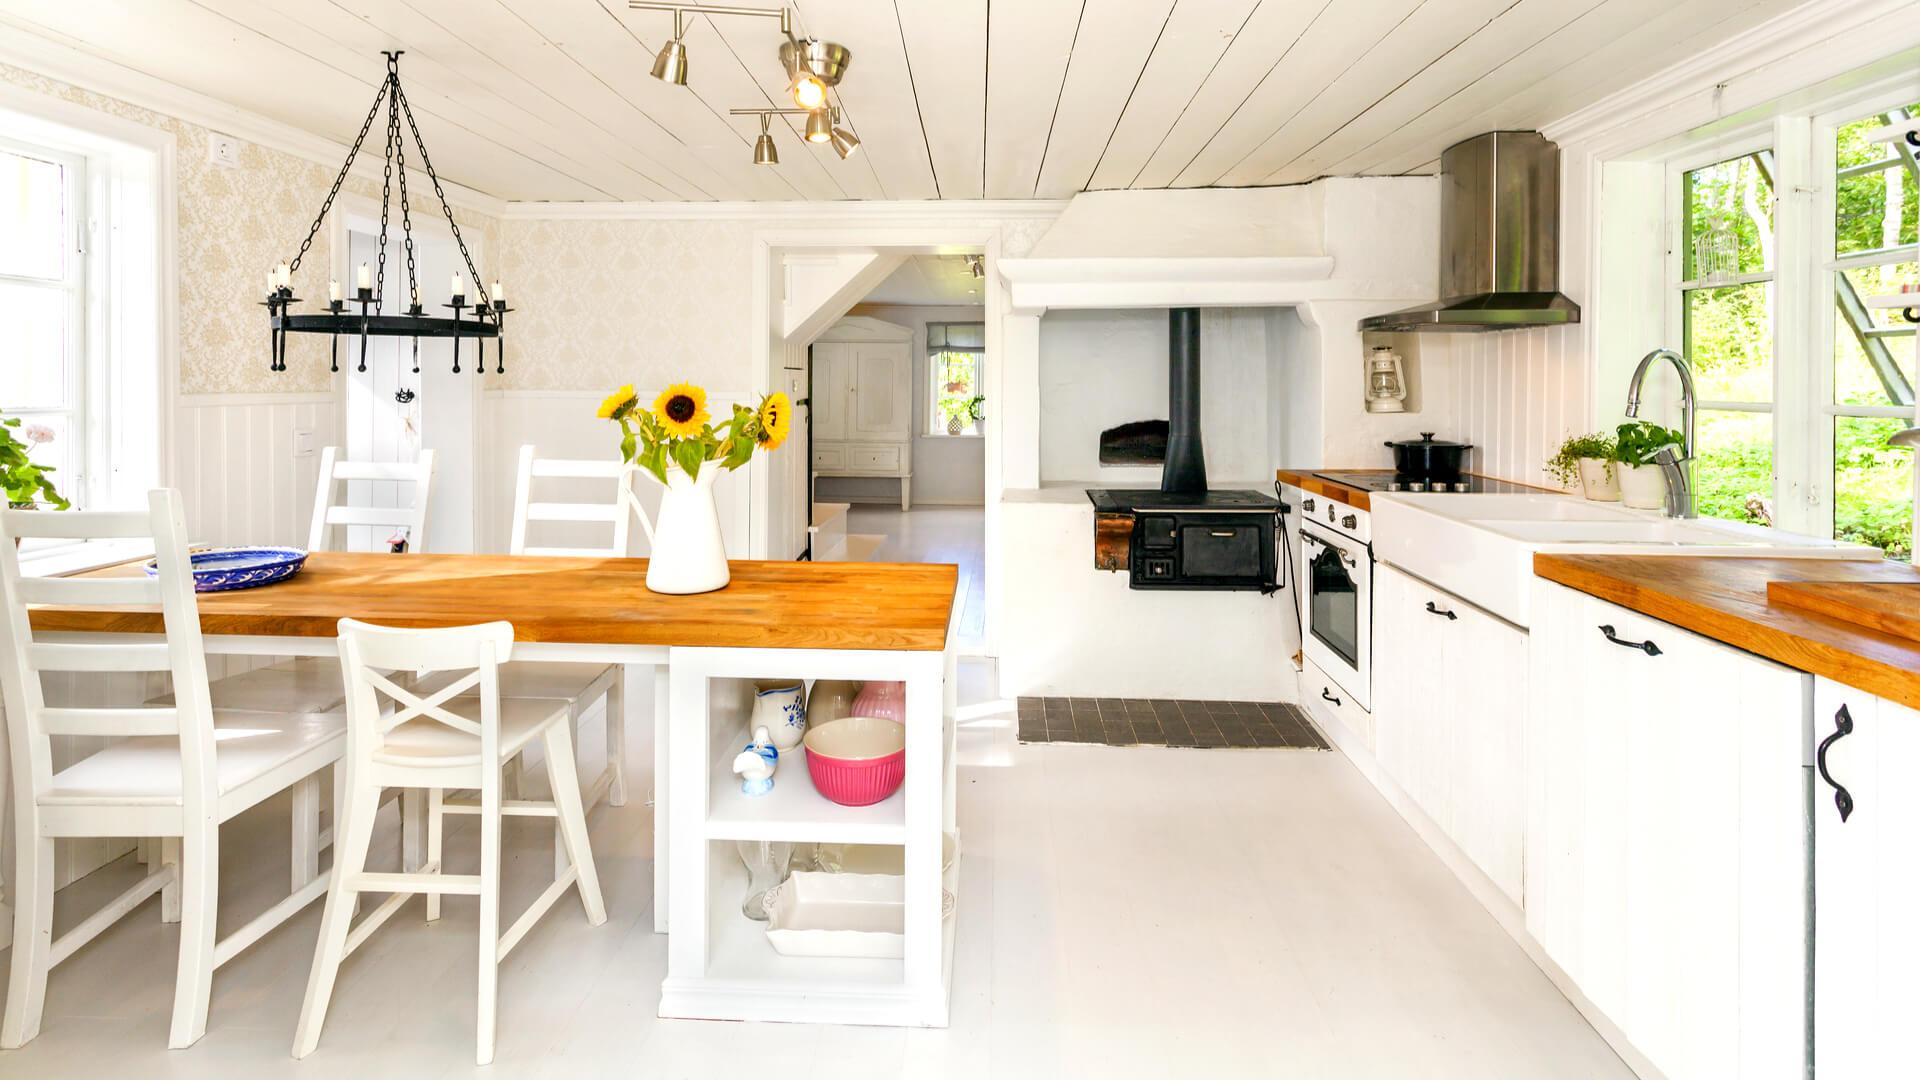 Landhausstil - Skandinavische Möbel im Landhaus -Stil günstig kaufen